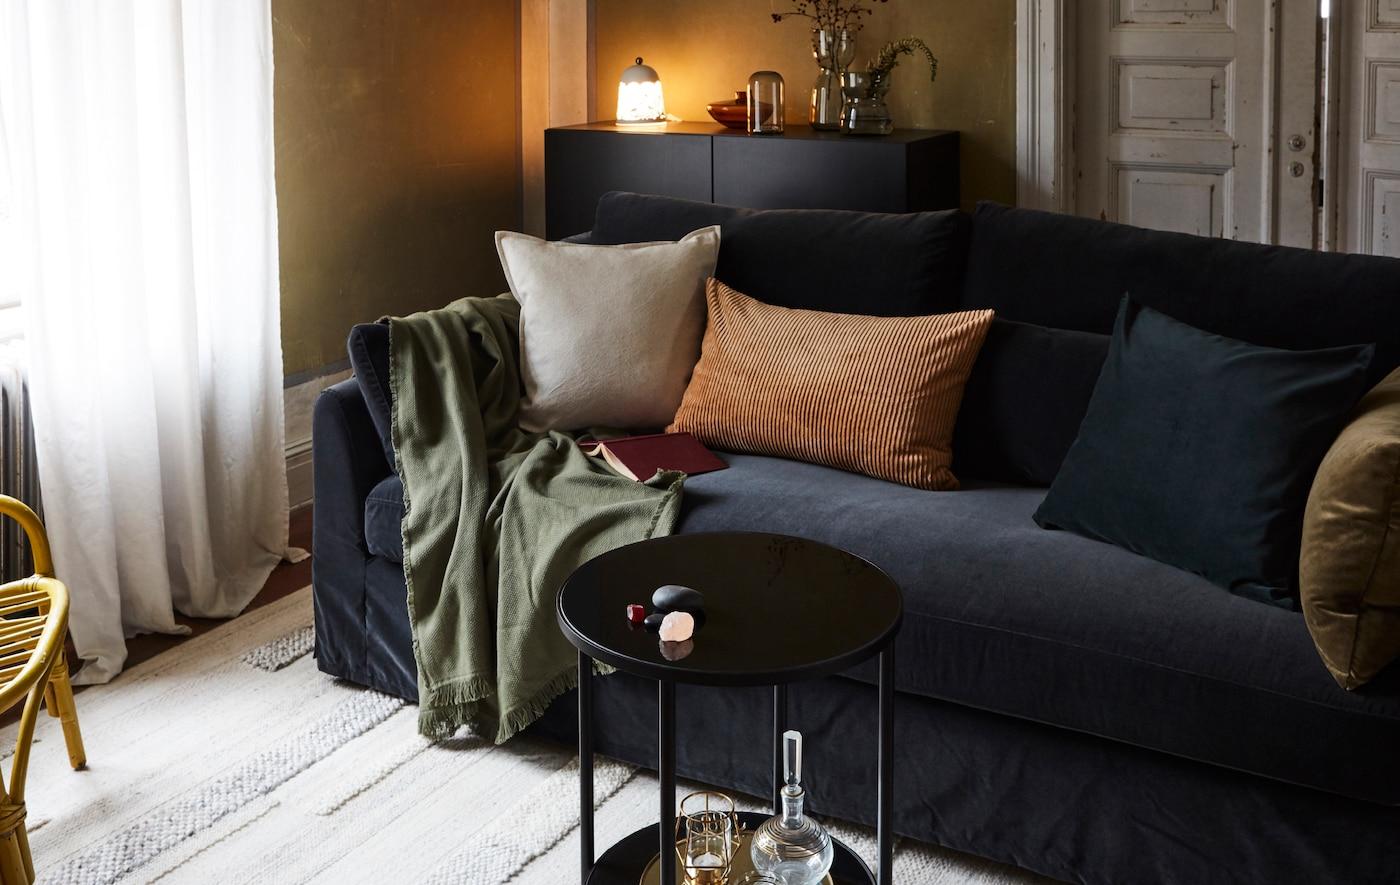 Soggiorno arredato con divano, cuscini, un plaid, un tappeto, un tavolino, un buffet con una lampada, vasi e una poltrona in rattan - IKEA